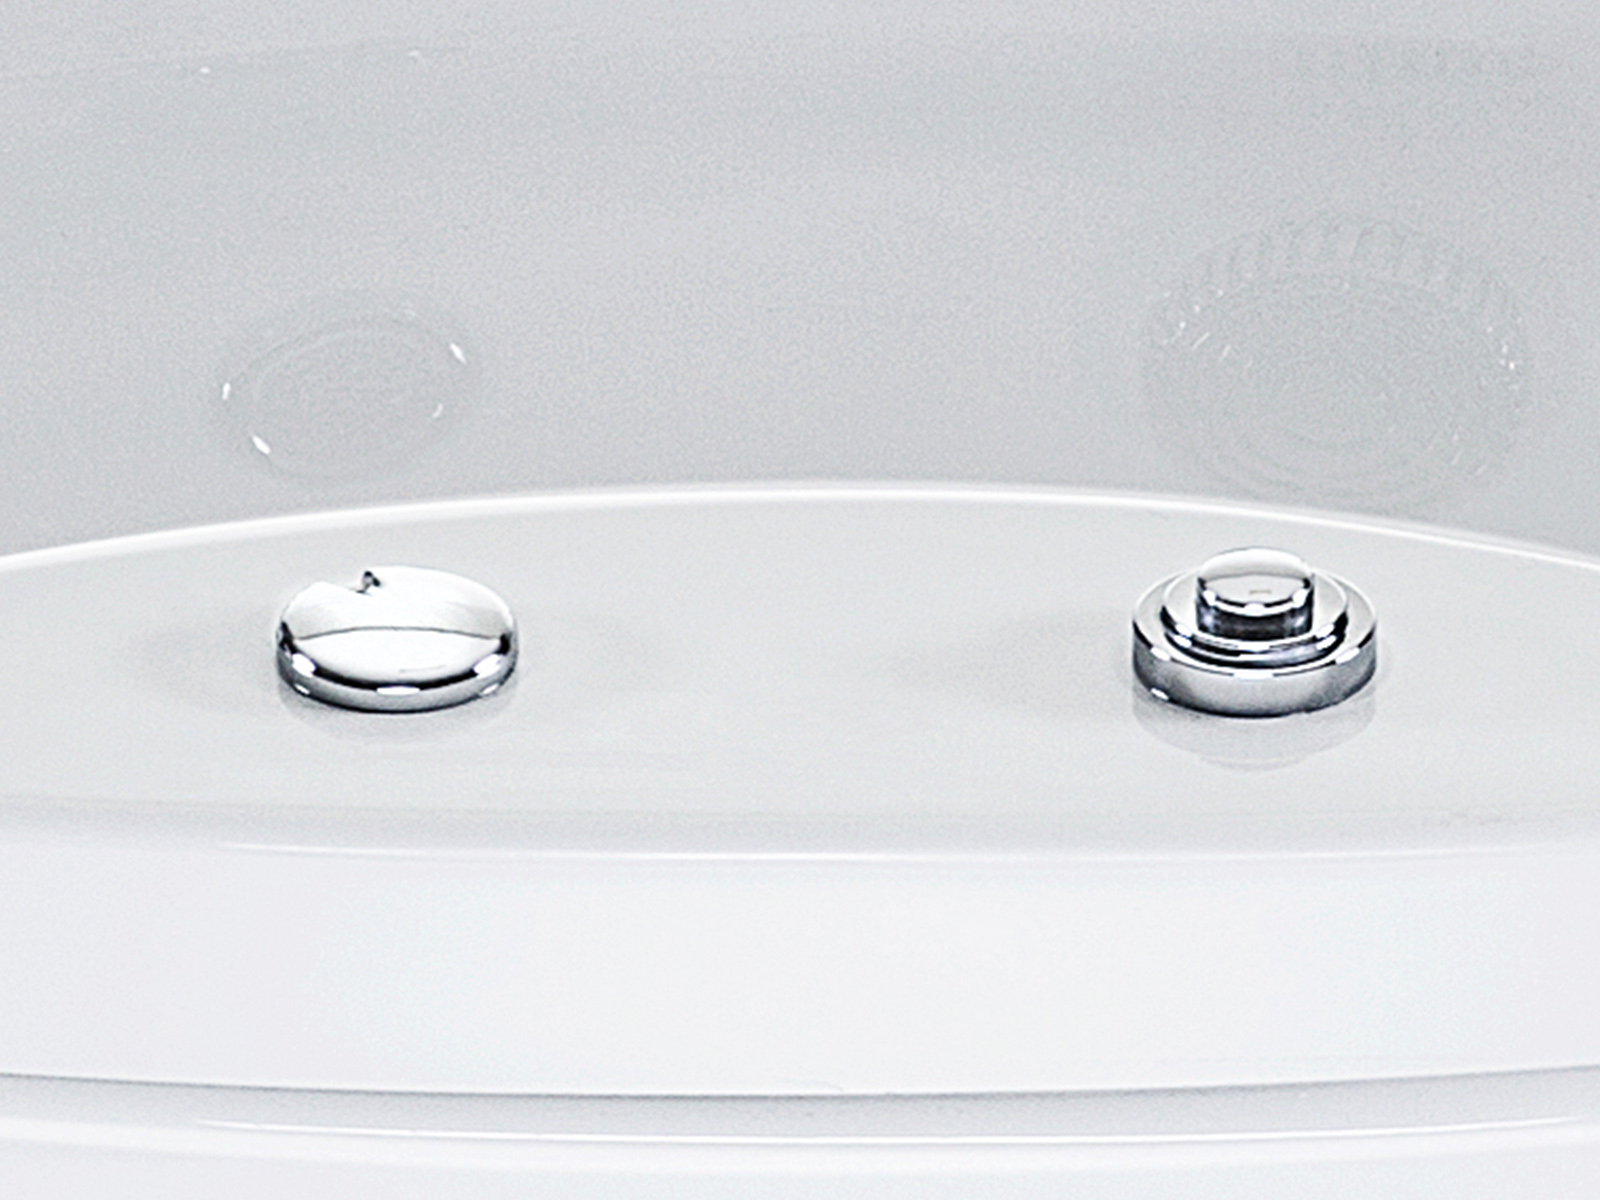 whirlpool spa badewanne wanne eckwanne mit massage farblichttherapie weiss ebay. Black Bedroom Furniture Sets. Home Design Ideas